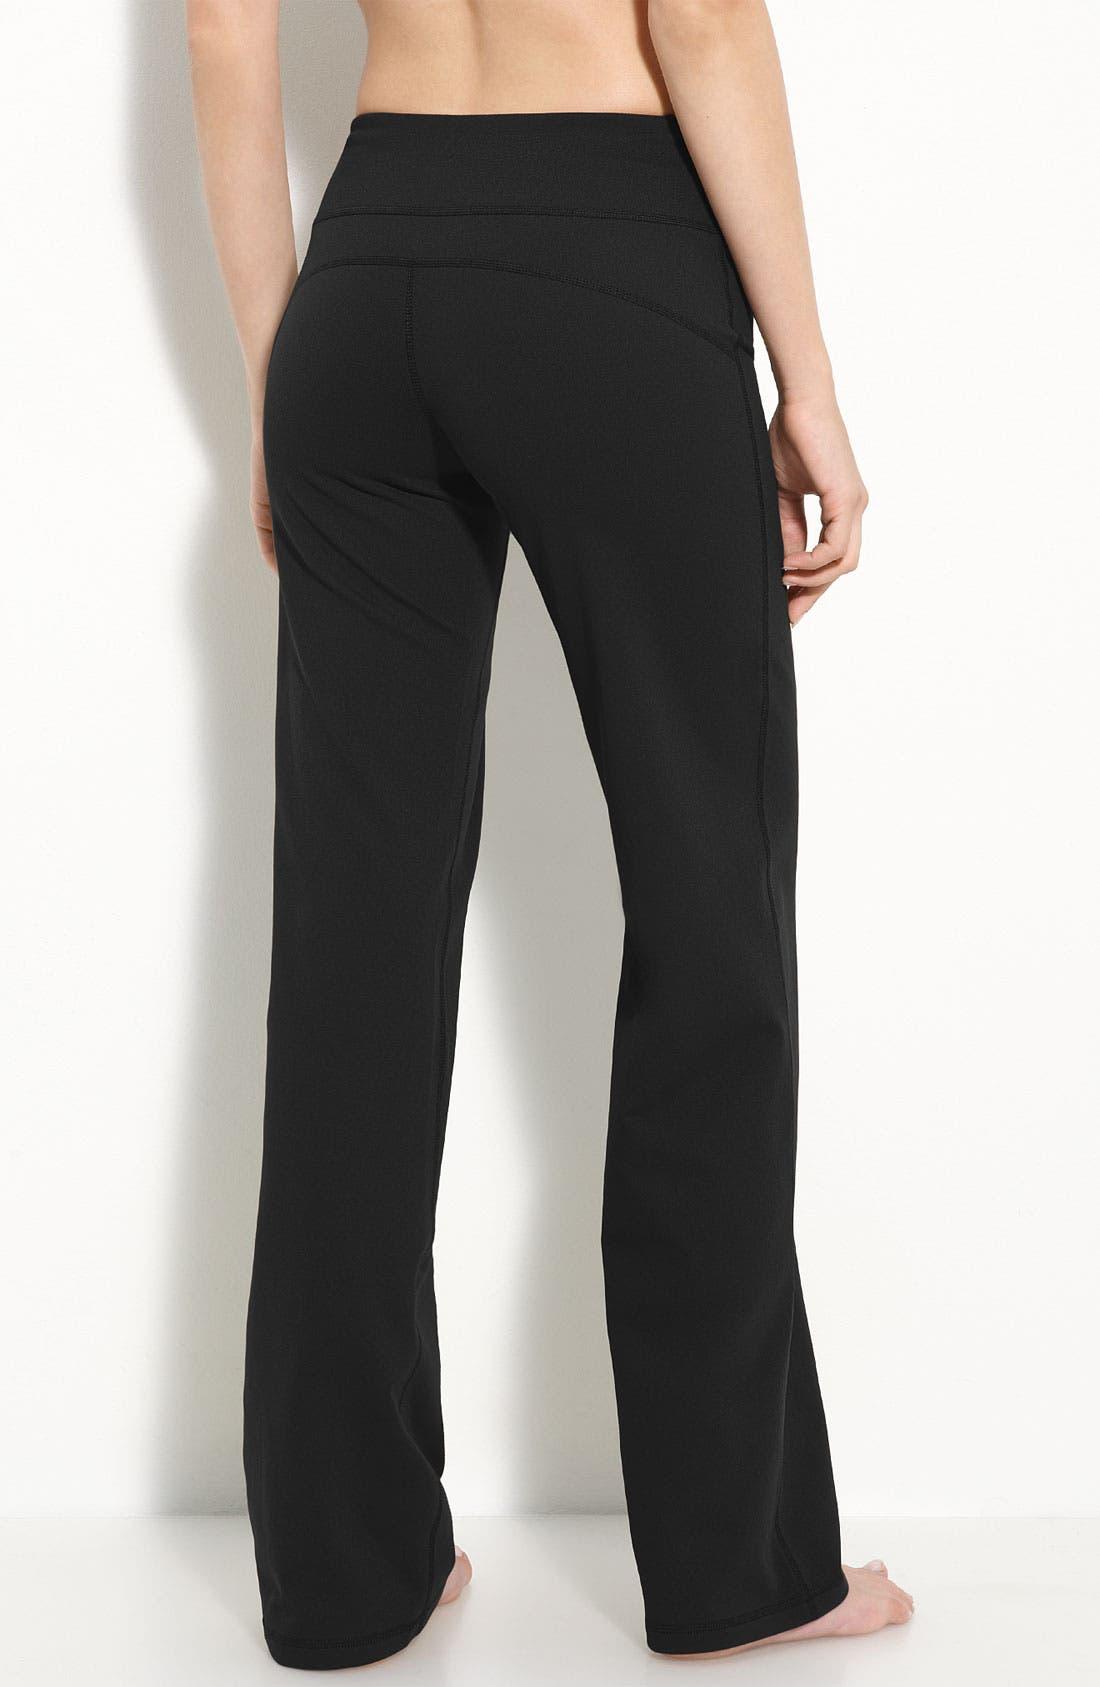 Main Image - Zella 'Balance' Wide Leg Pants